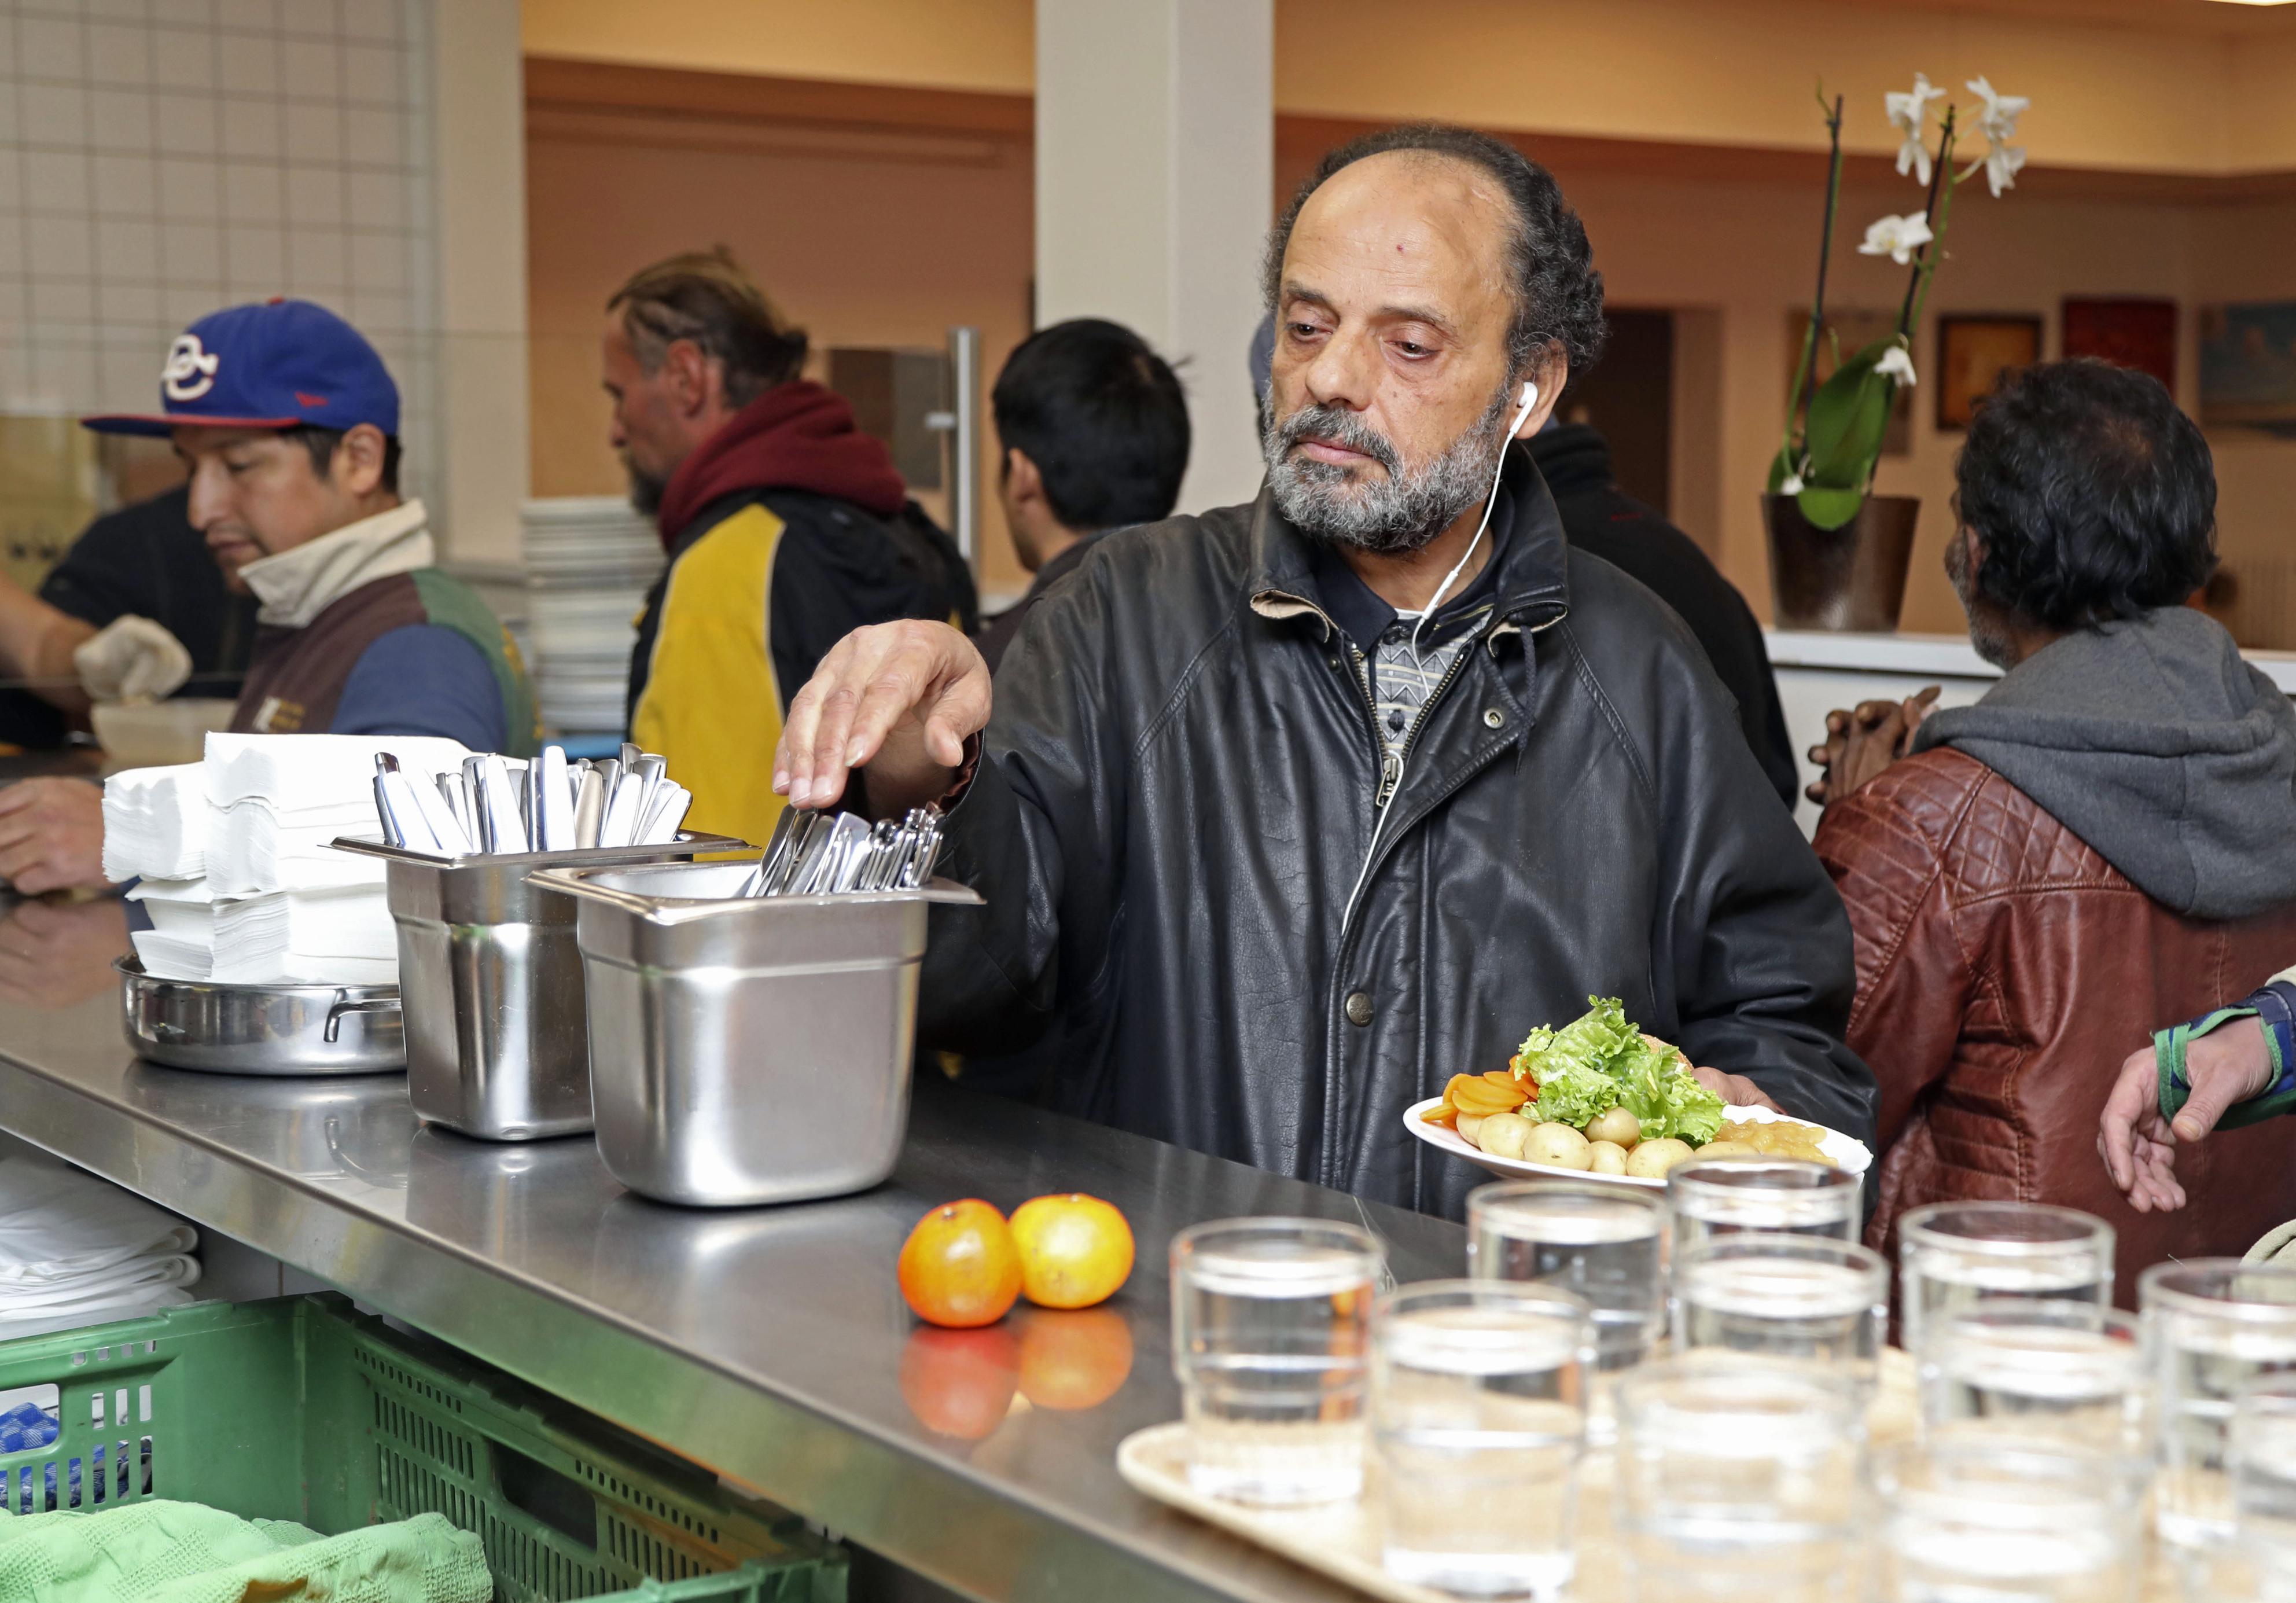 市が運営する貧困者向け無料食堂でランチの行列に並ぶサミール=10月、スイス・ジュネーブ(共同)